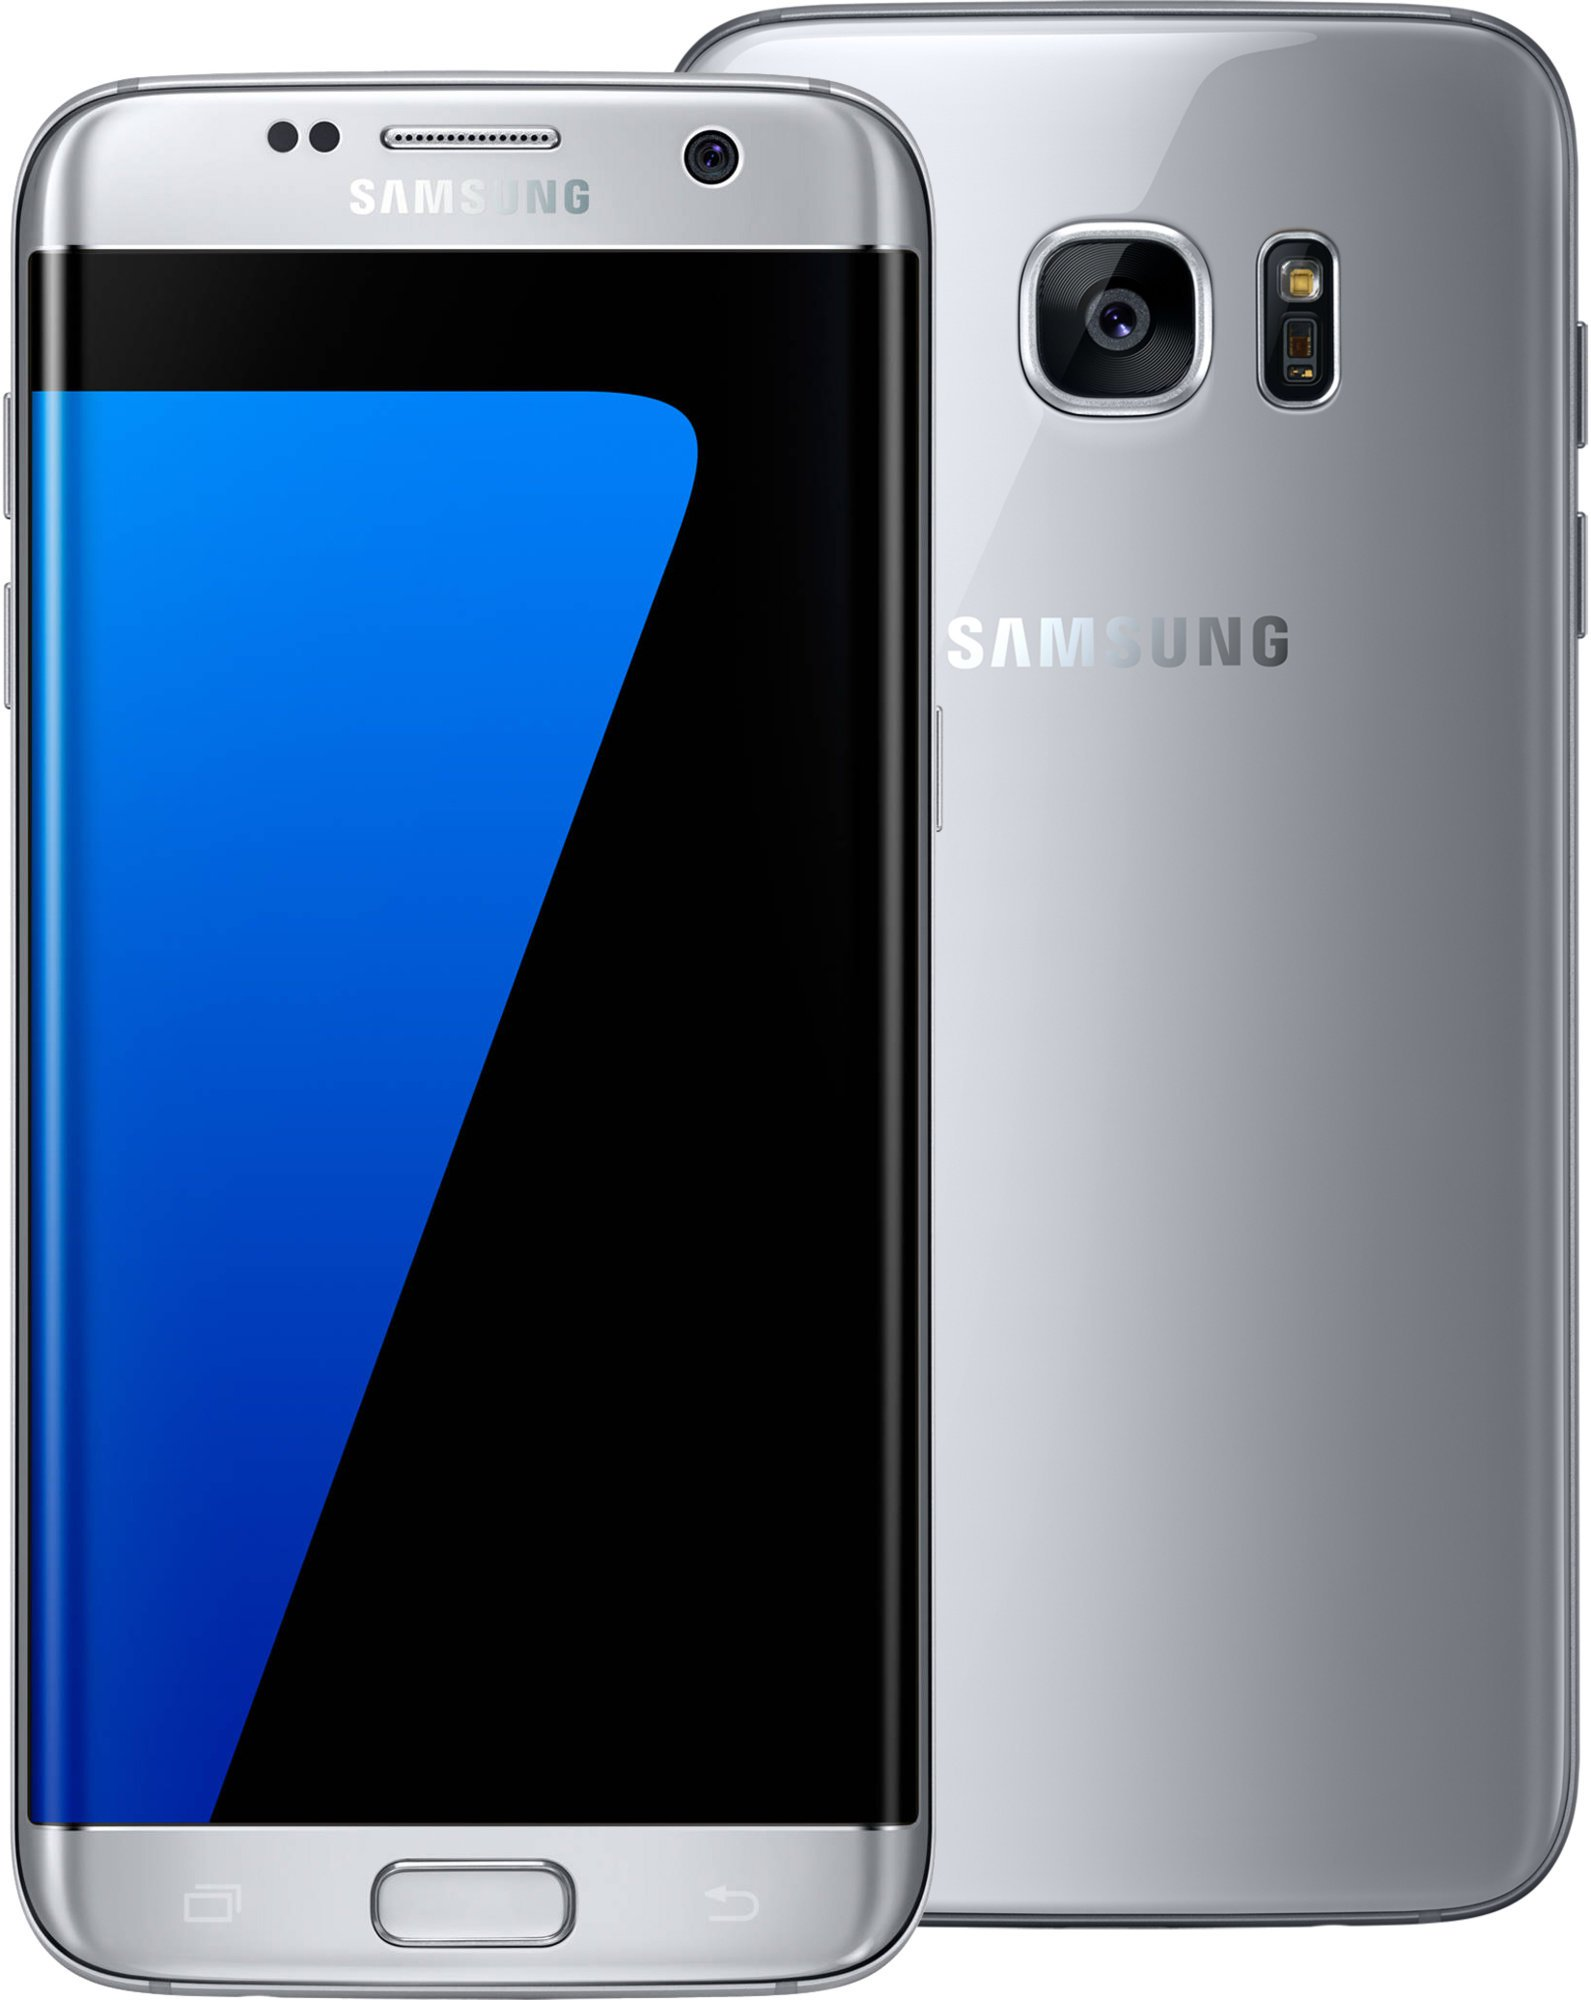 Samsung Galaxy S7 Edge Silver Titanium - 32GB